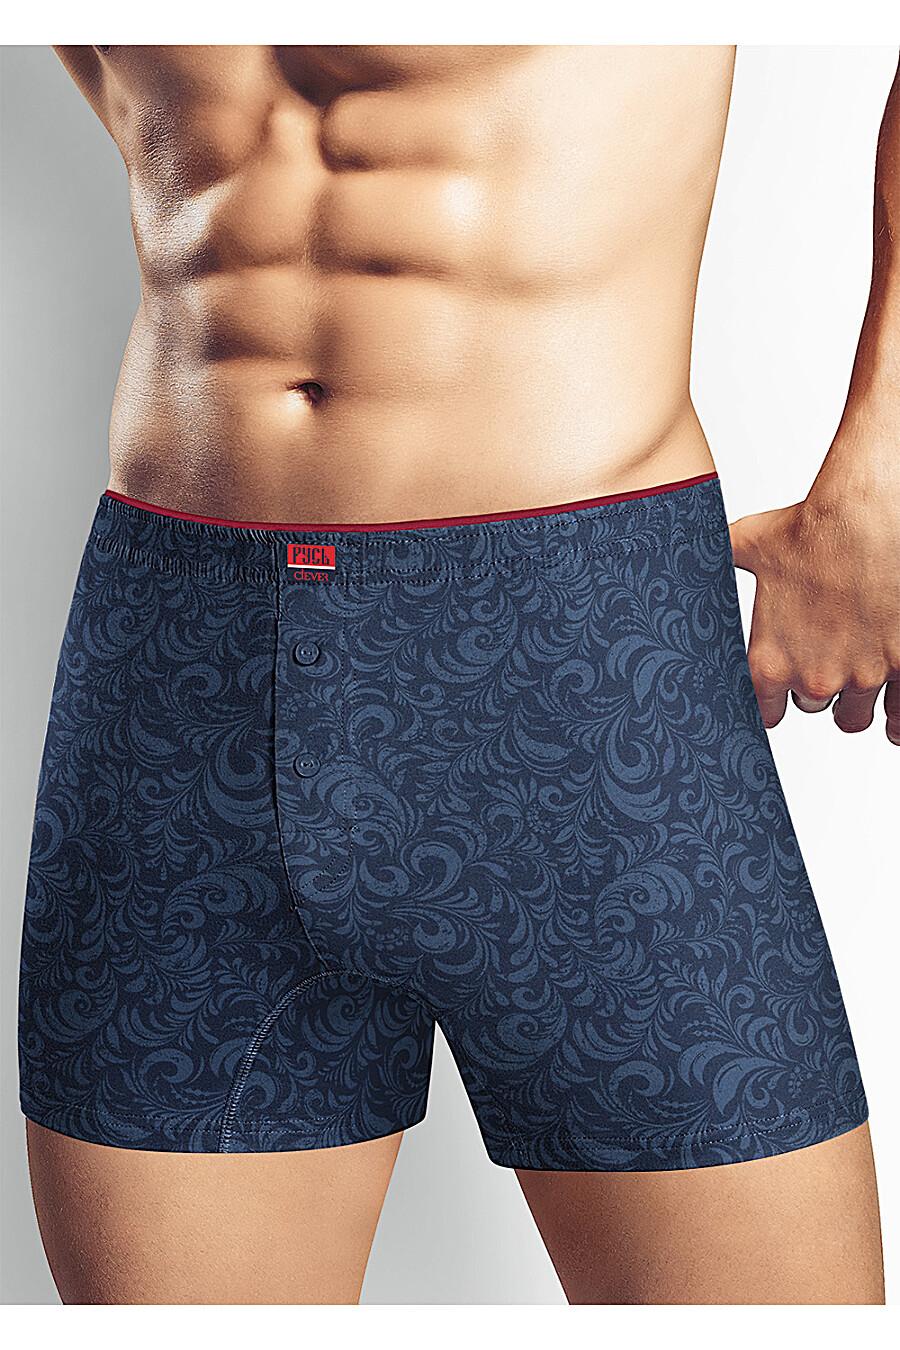 Трусы для мужчин CLEVER 155329 купить оптом от производителя. Совместная покупка мужской одежды в OptMoyo